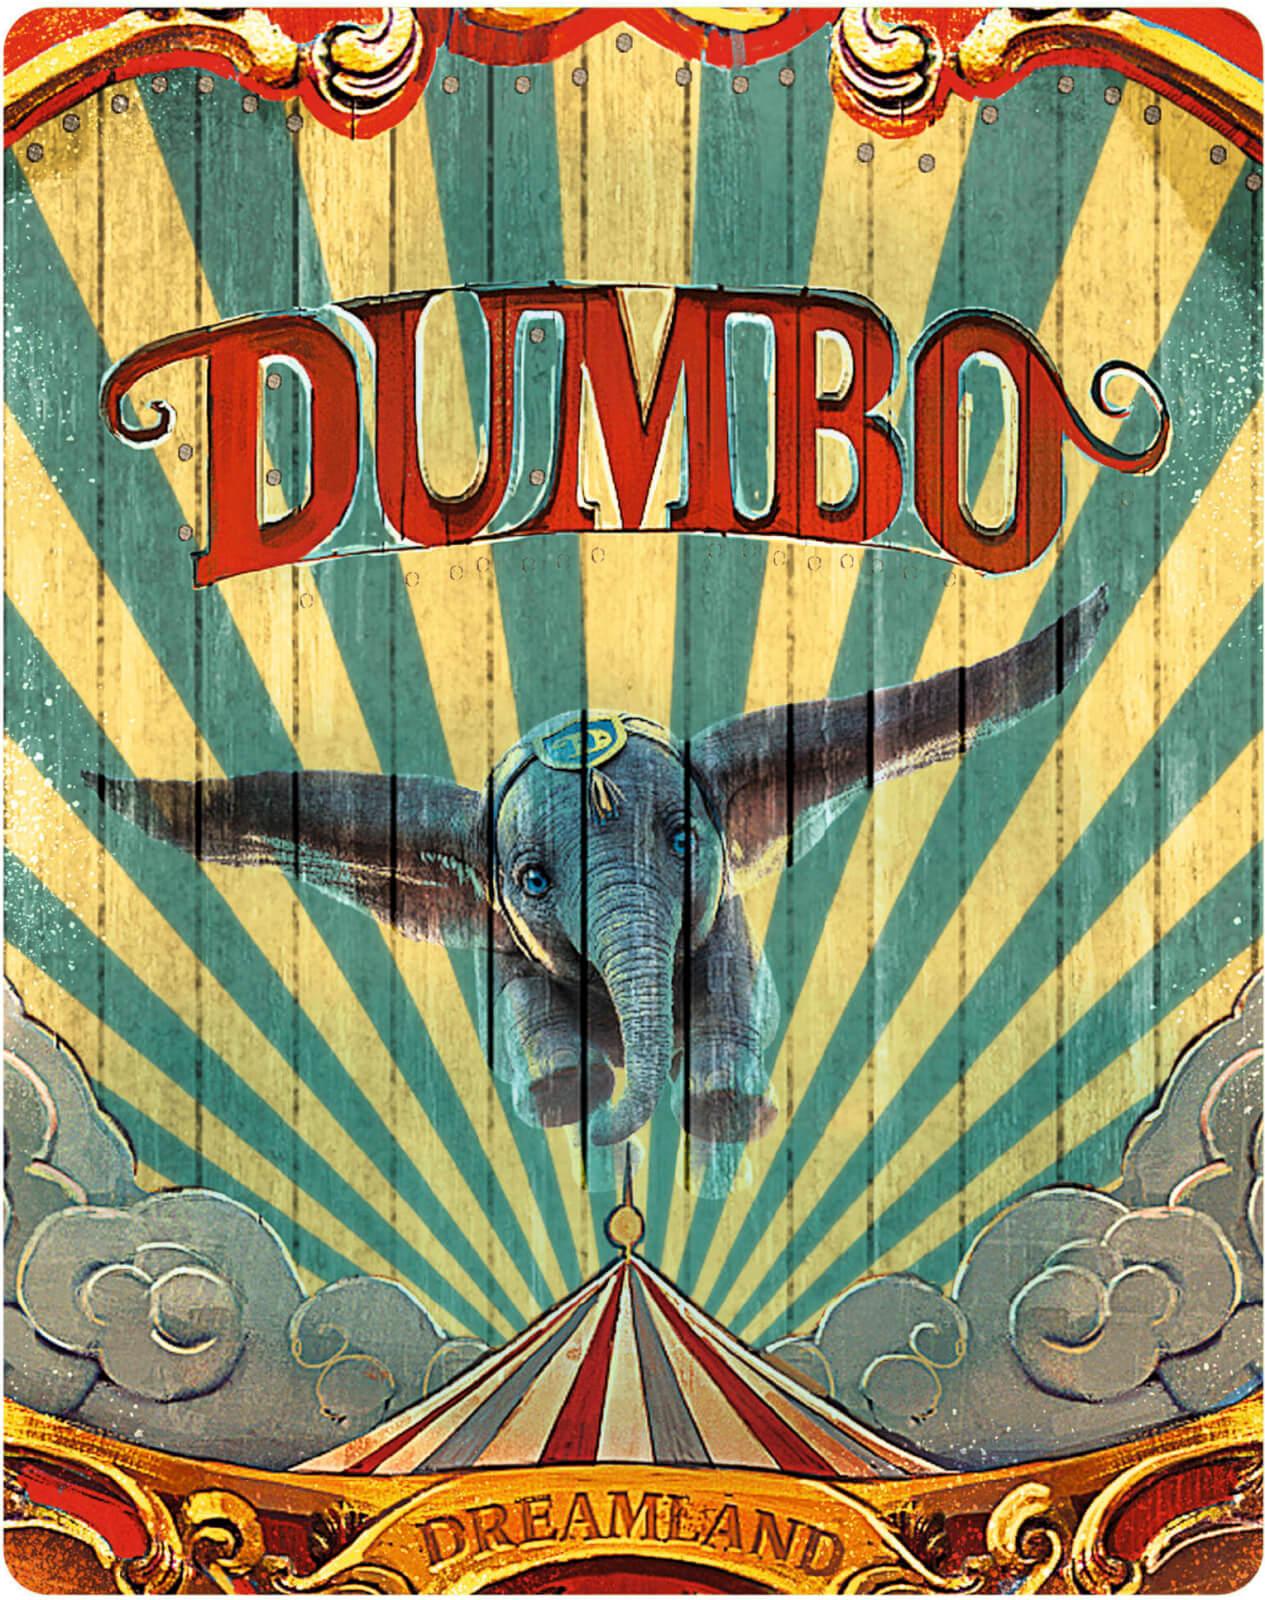 Dumbo (2019) 4k SteelBook front